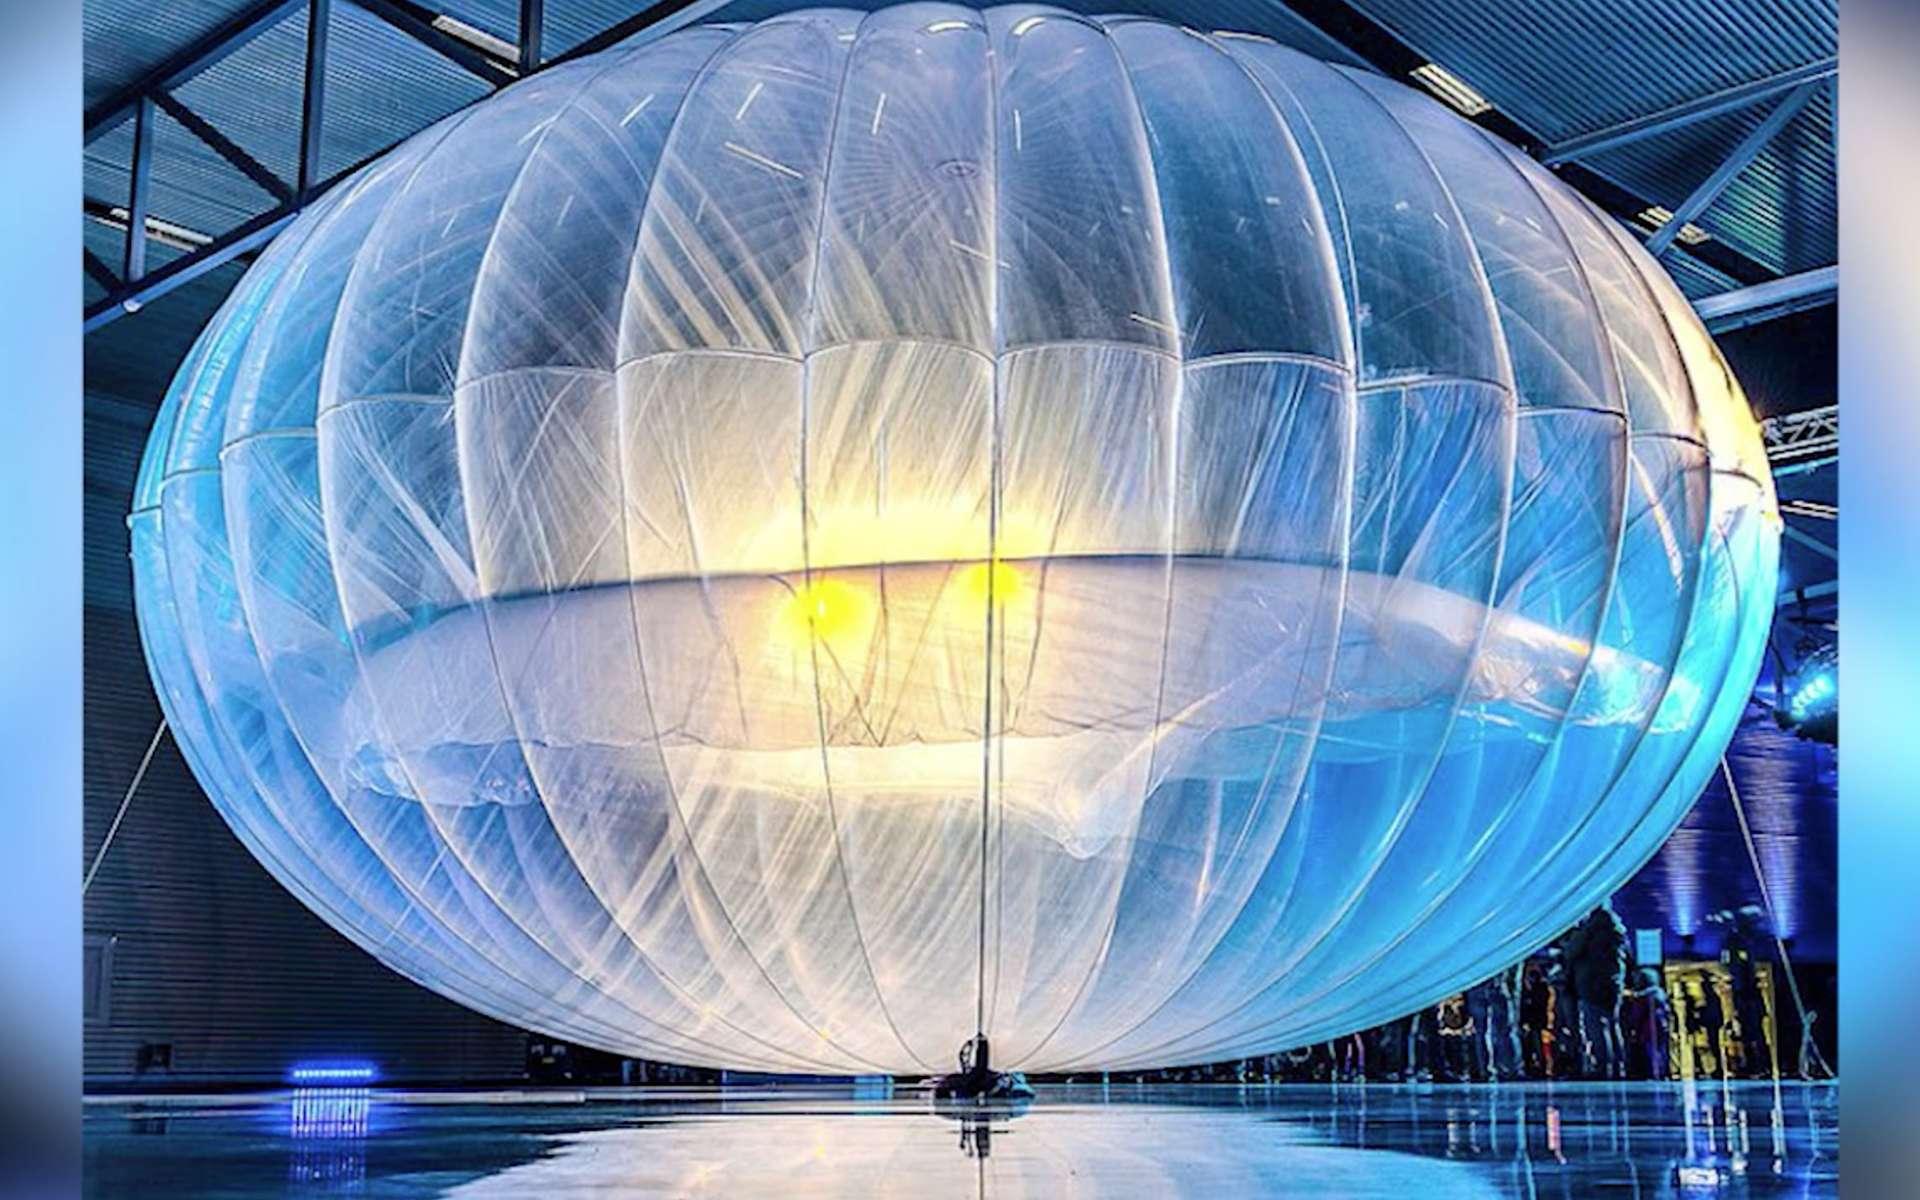 Les ballons stratosphériques du projet Loon de Google sont désormais en mesure de rester en l'air pendant six mois. Leur technologie de transmission bidirectionnelle a été améliorée pour supporter les réseaux cellulaires 4G existants. Ainsi, un seul ballon peut capter le signal d'une antenne relais puis le répercuter aux smartphones compatibles dans un rayon de 80 km. © Google Loon